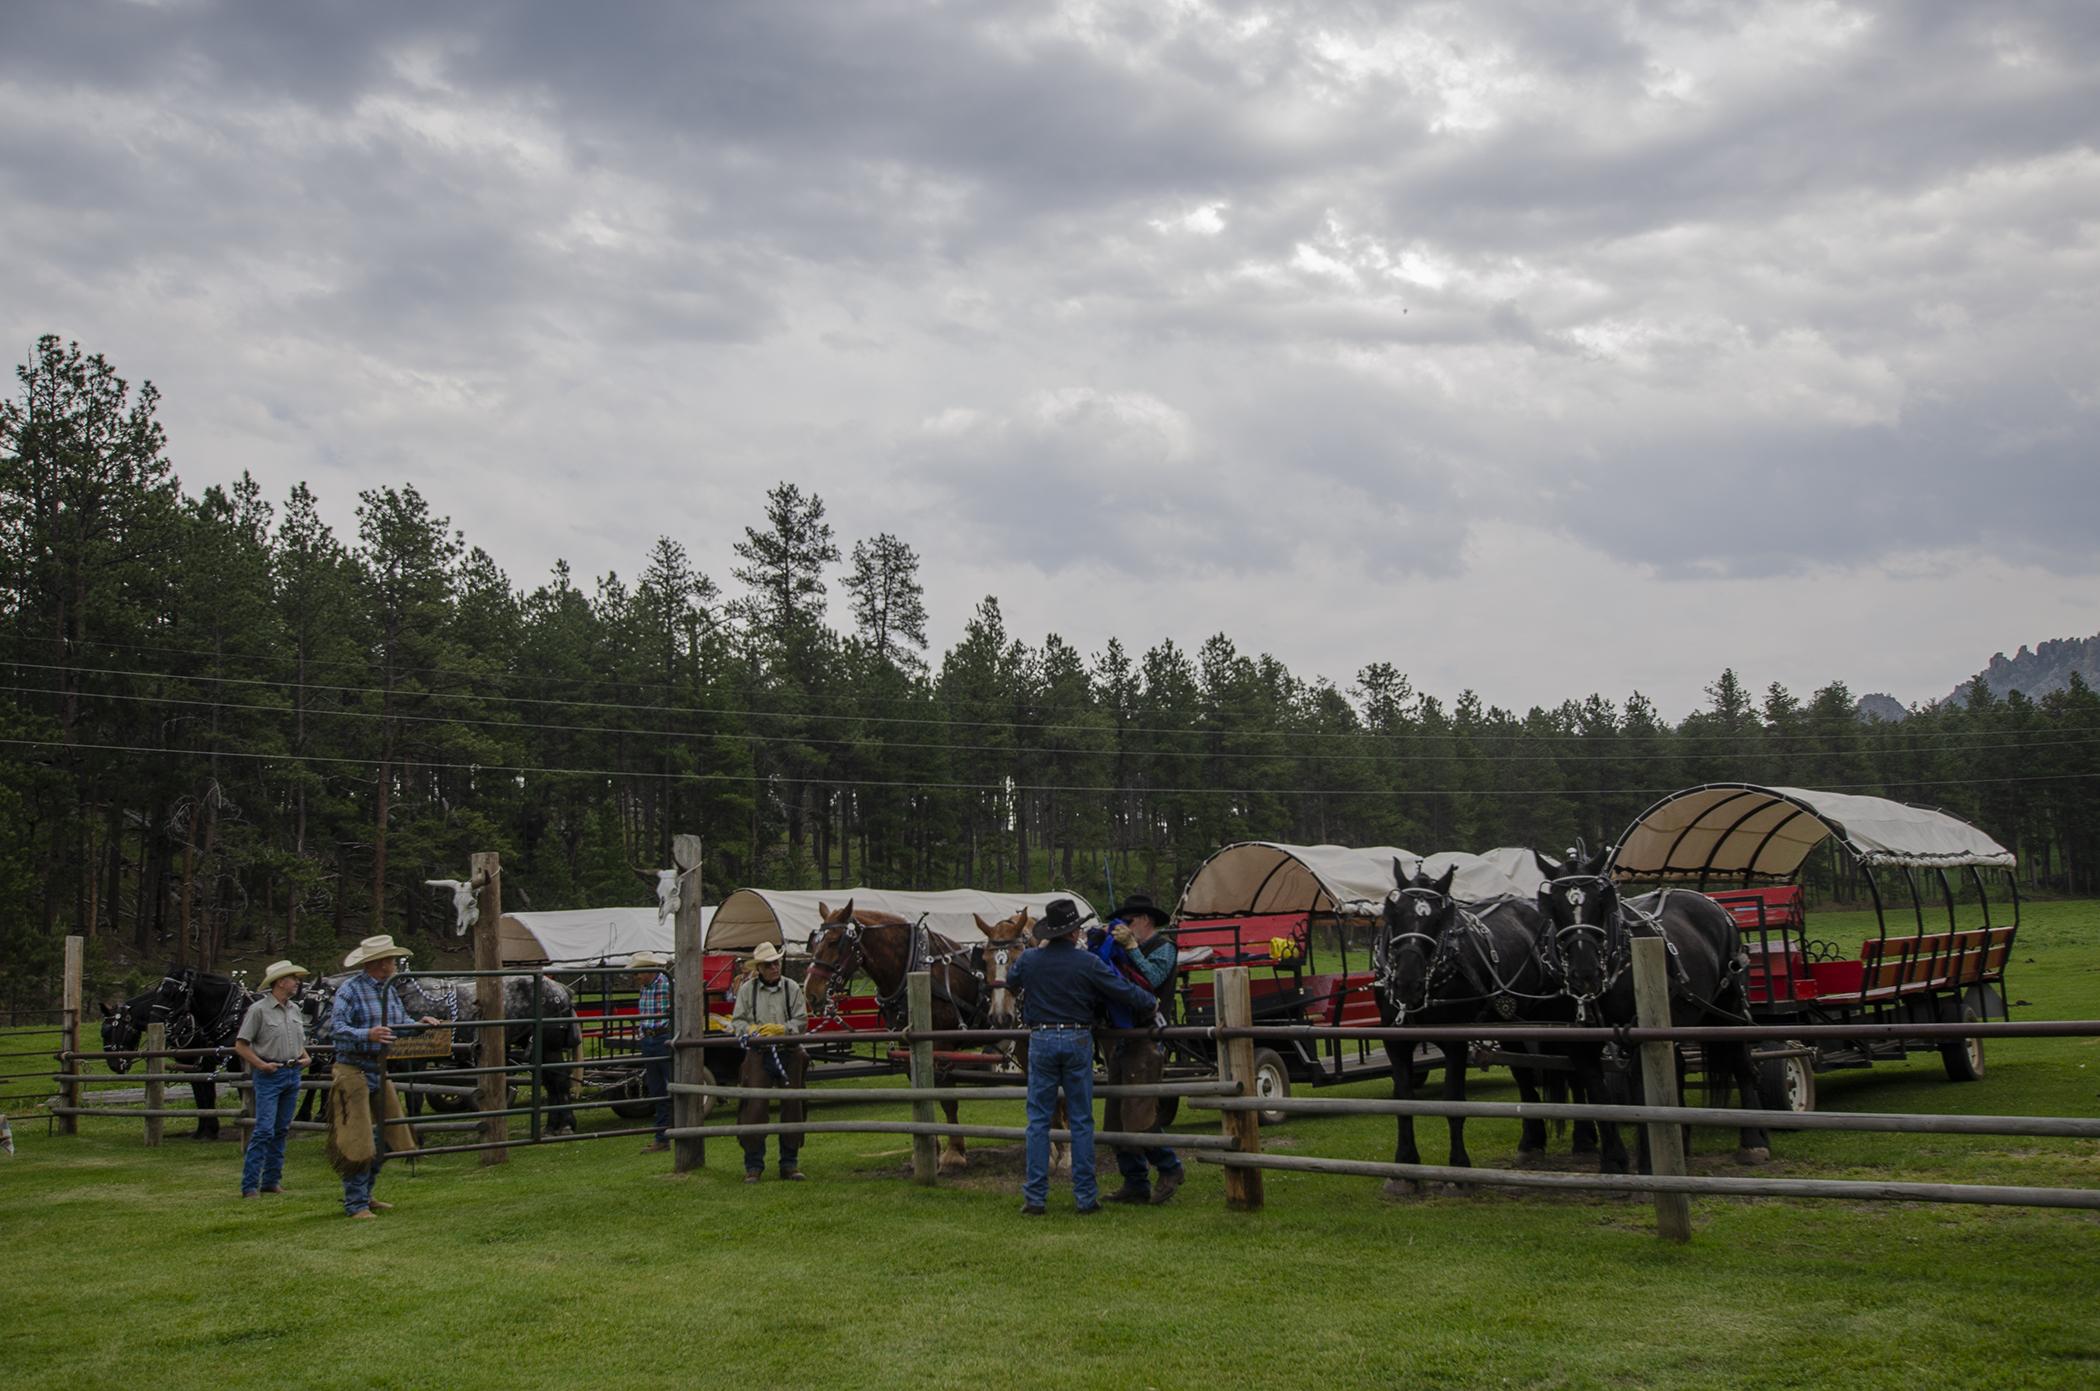 Covered wagons at the Palmer Gulch Chuckwagon